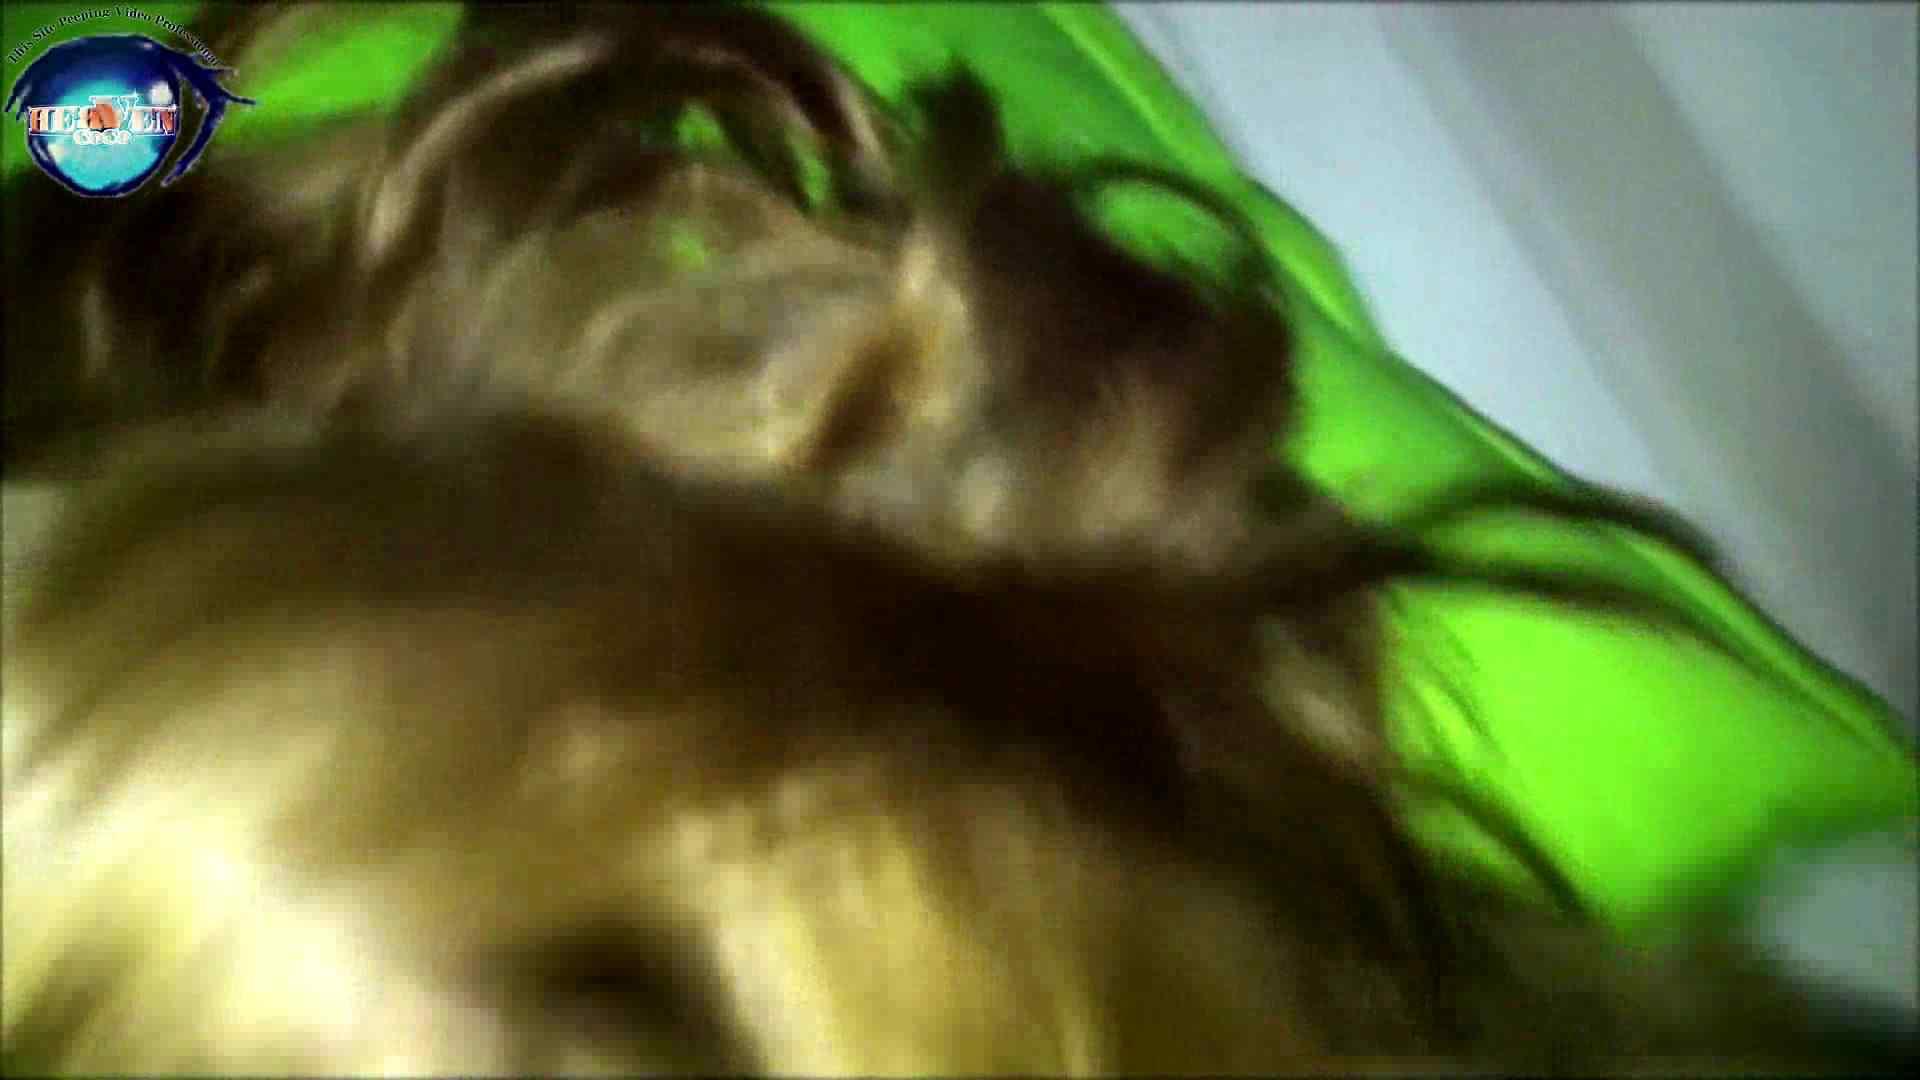 睡魔 シュウライ 第十五話 ギャルすけべ画像 | 女子大生すけべ画像  80連発 43